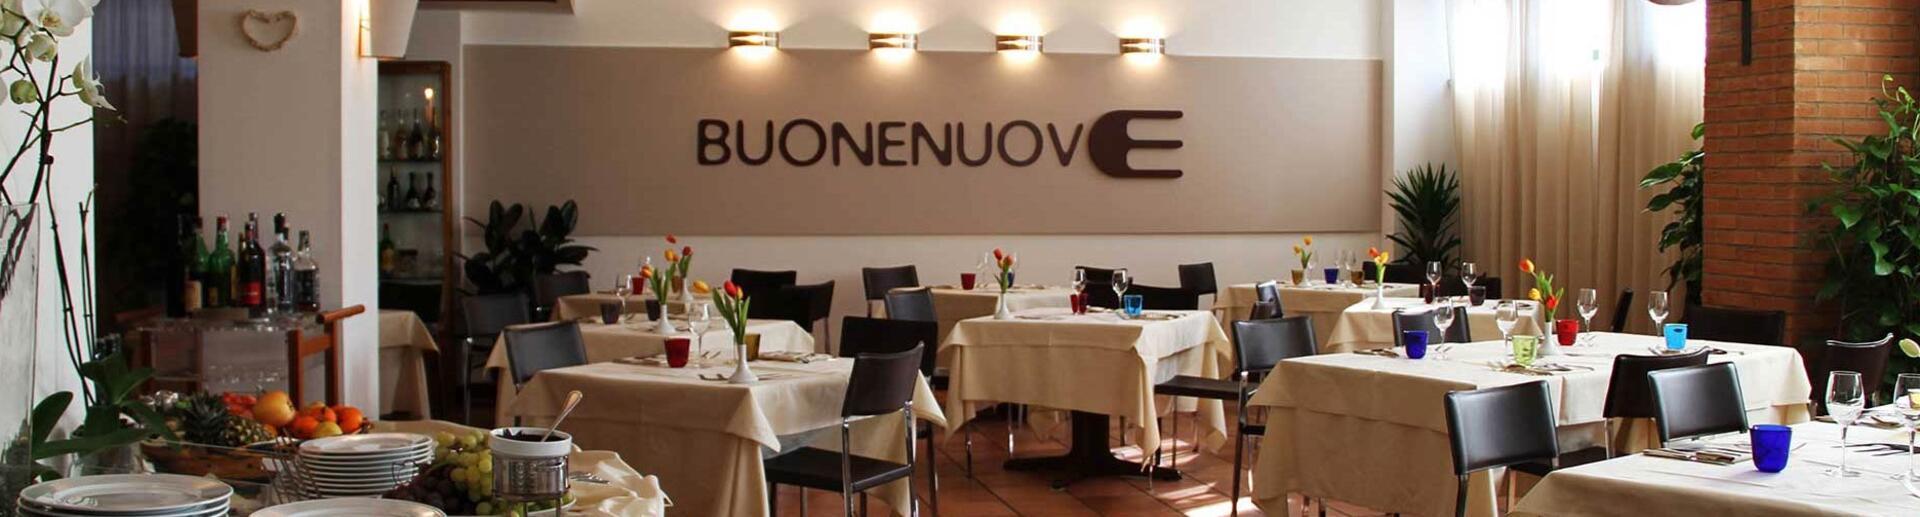 chocohotel en restaurant-buonenuove-perugia 013